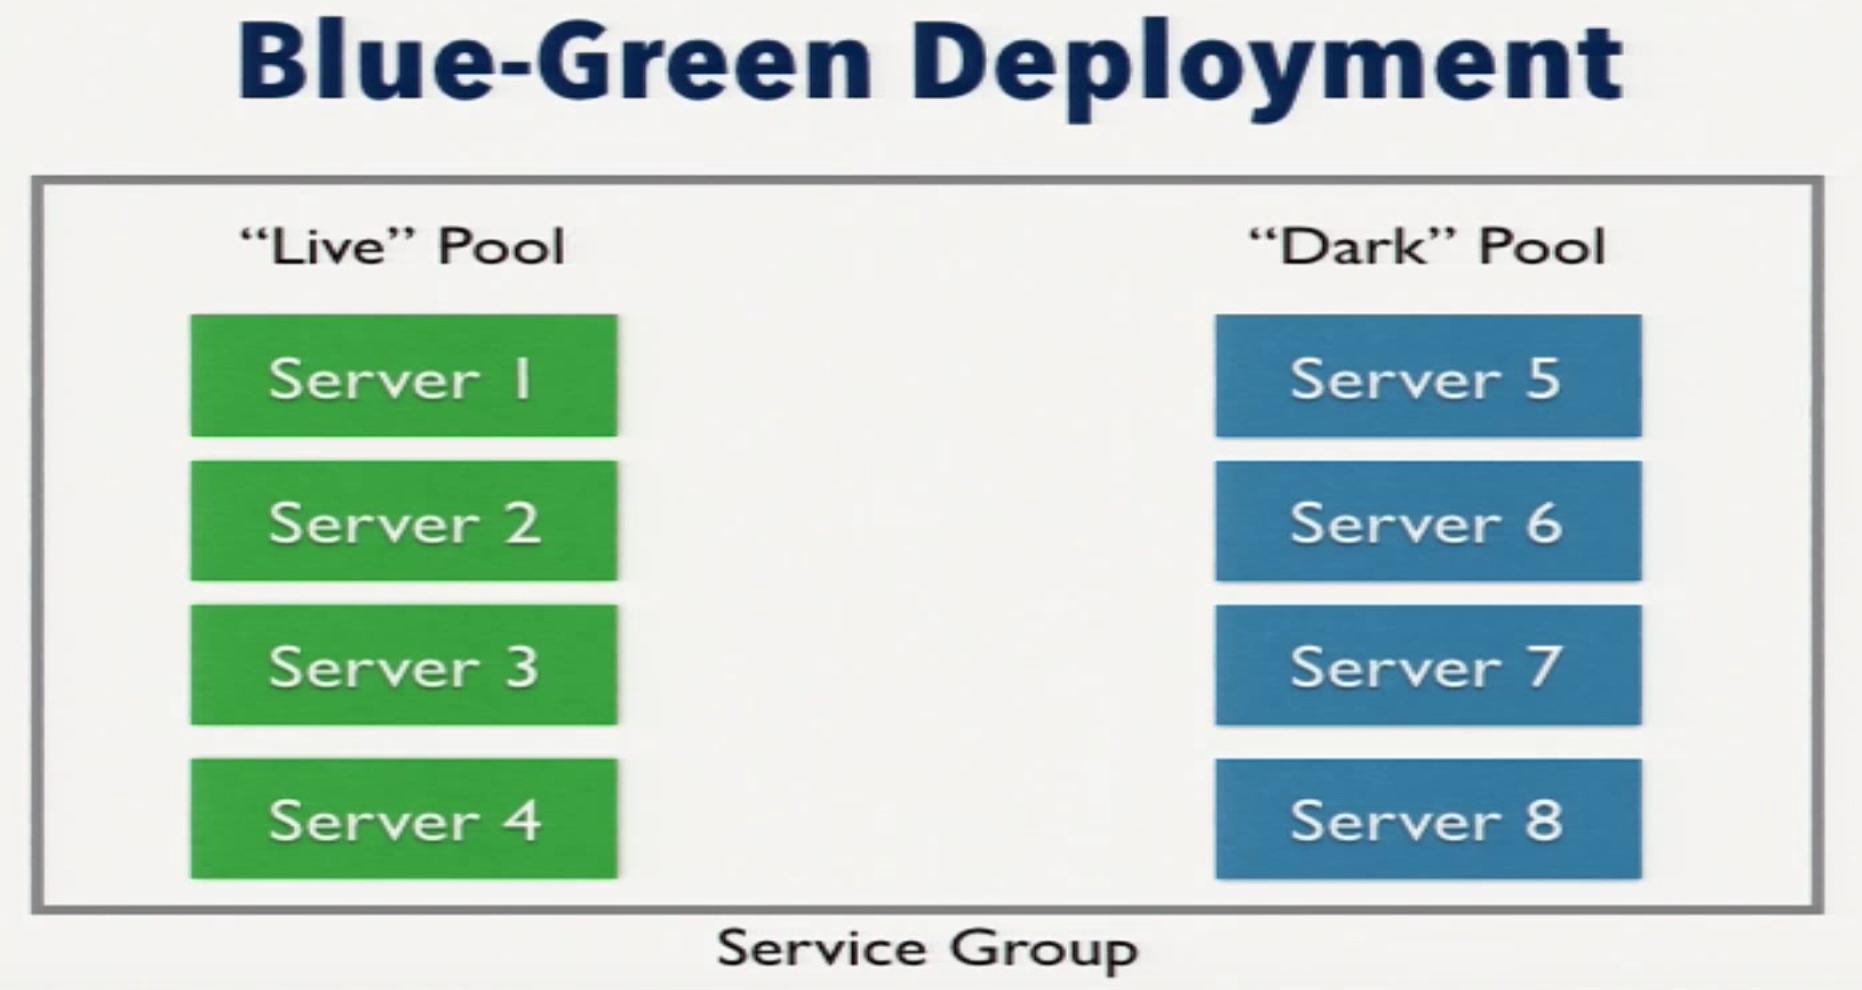 a blue-green deployment server grouping